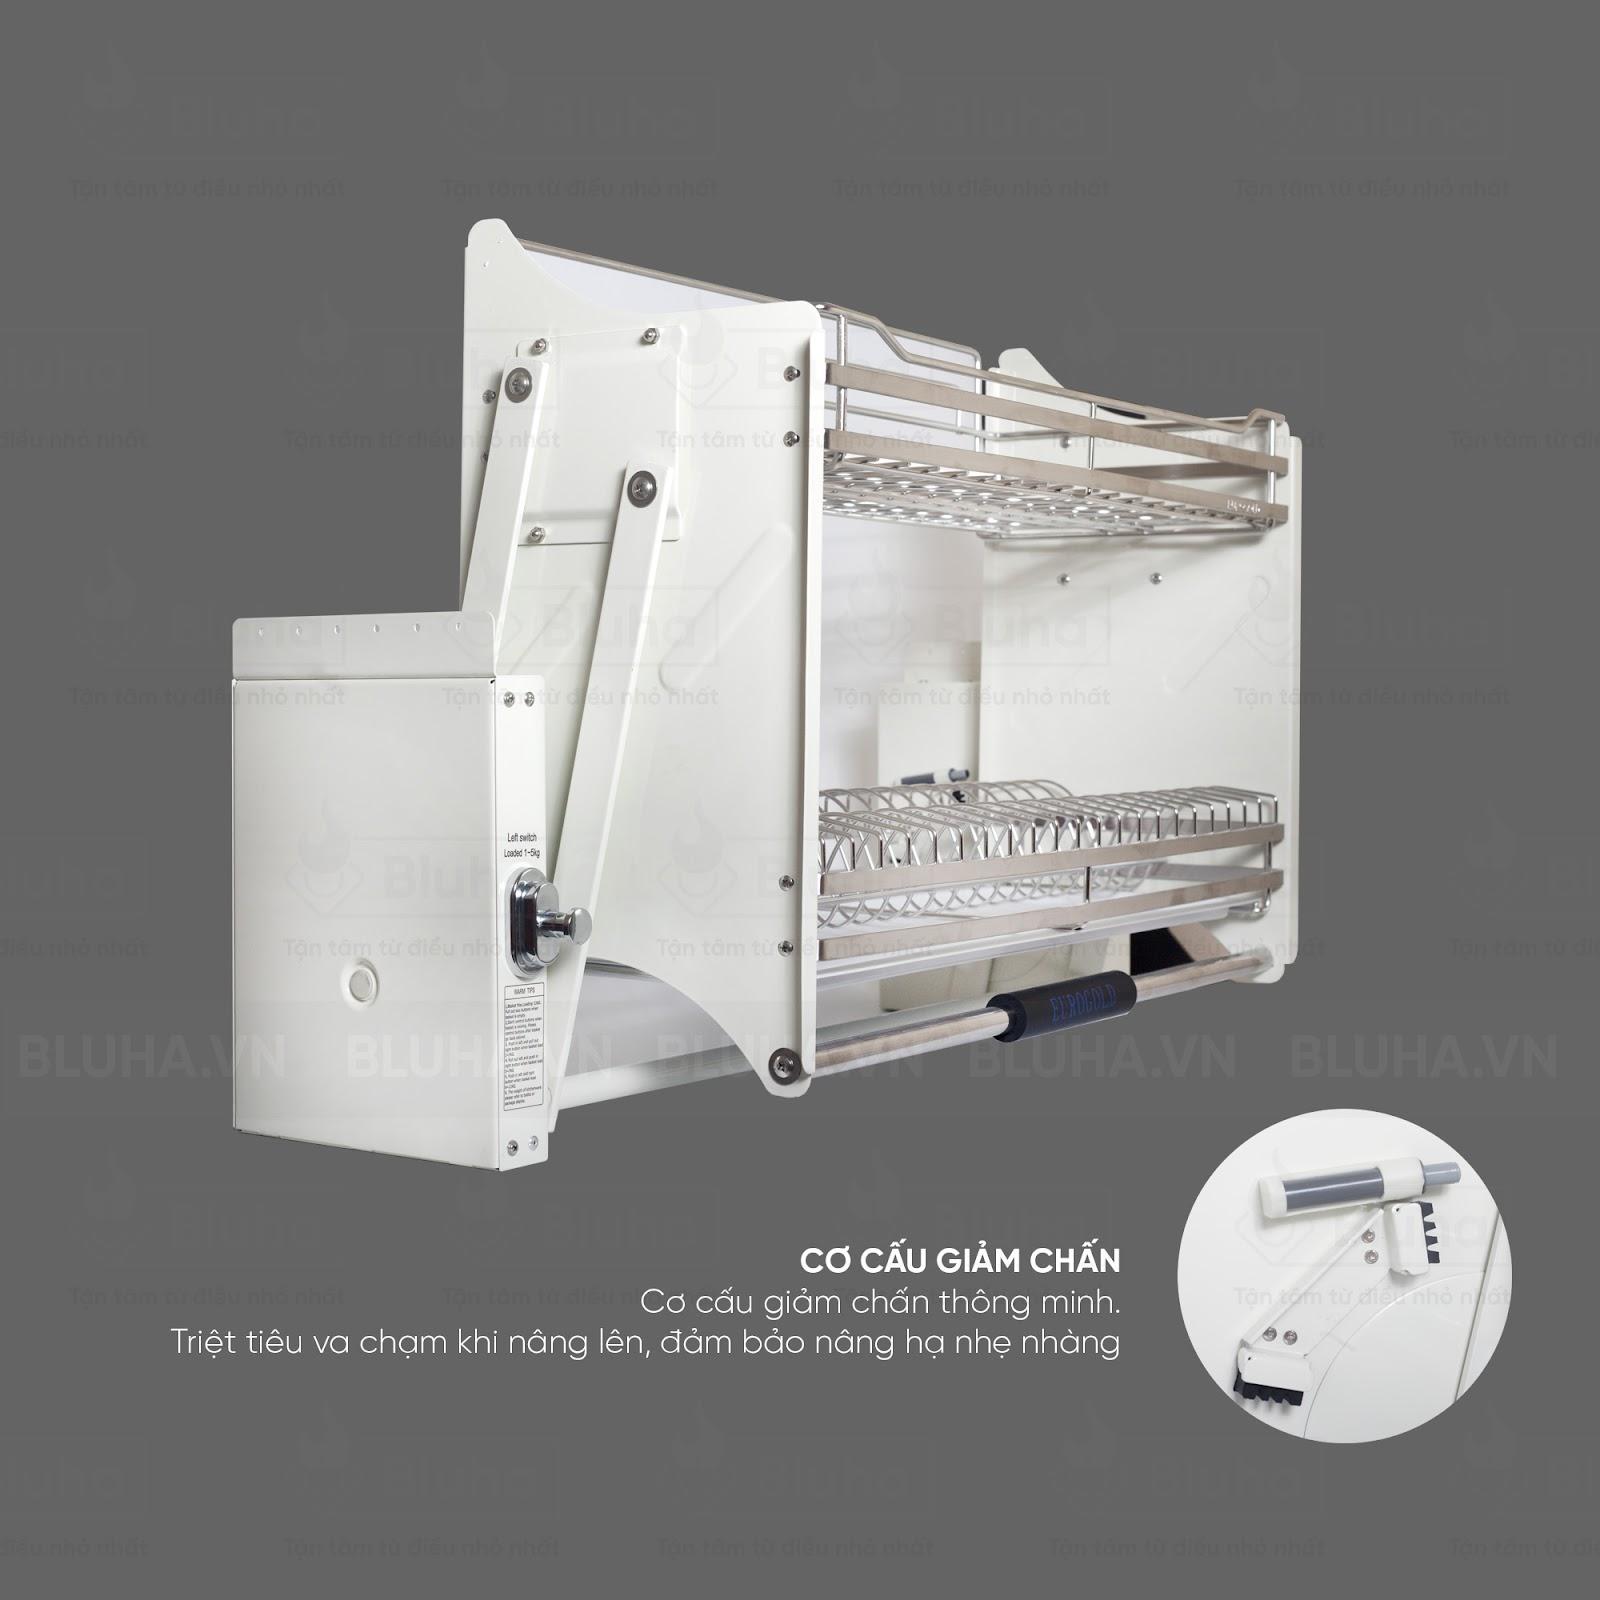 Cơ cấu giảm chấn thông minh và tiện lợi - Giá bát nâng hạ Inox EVI.180 - Phụ kiện bếp chính hãng